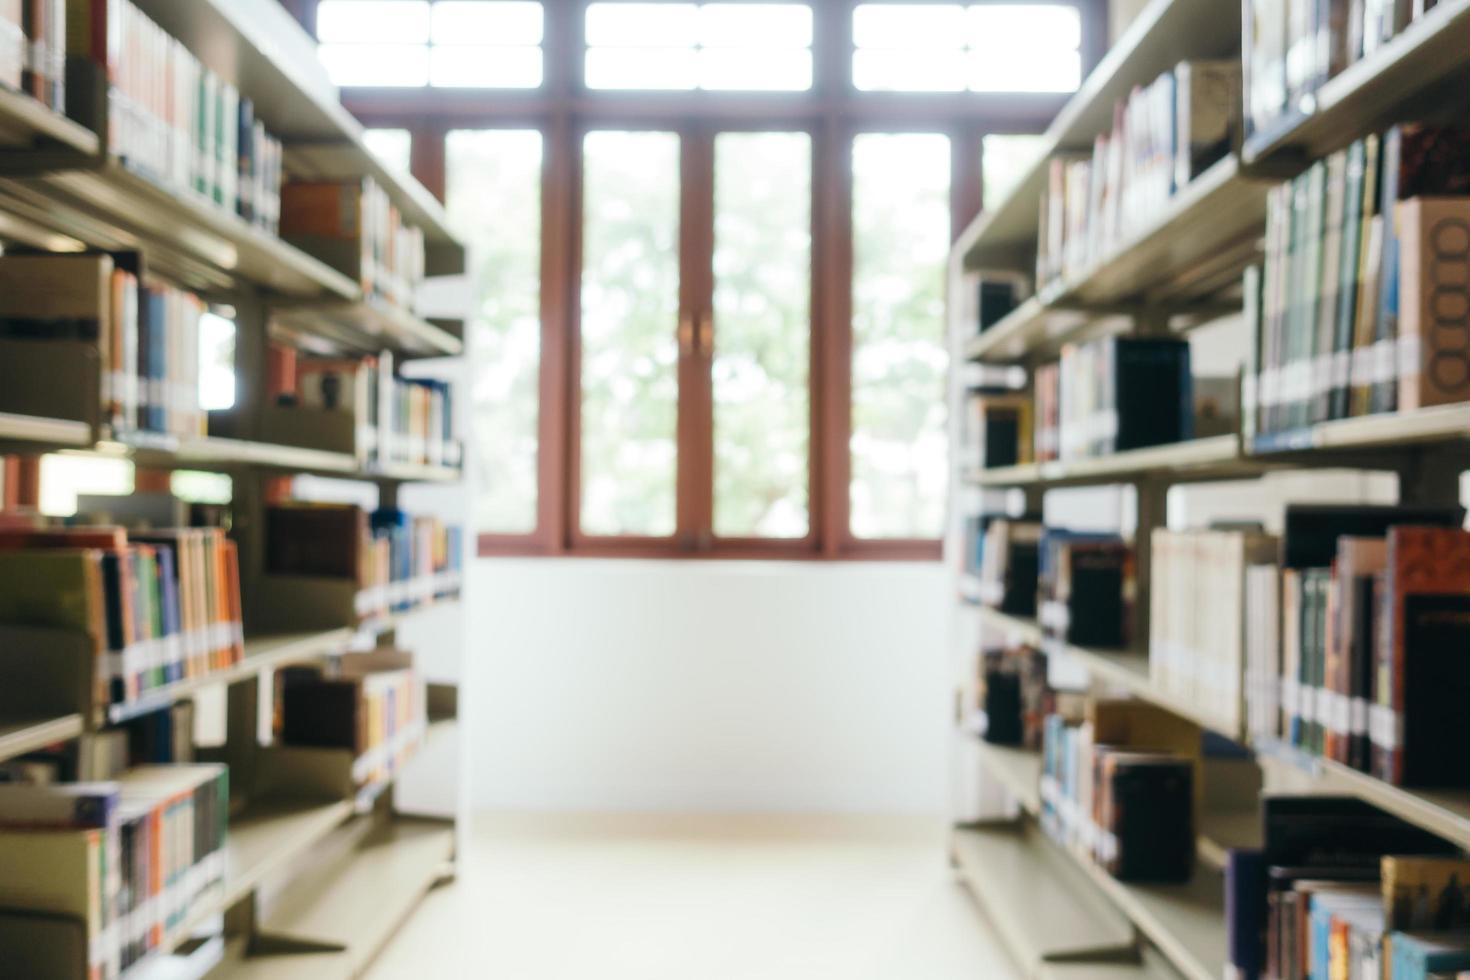 Desenfoque abstracto y estantería desenfocada en la biblioteca foto